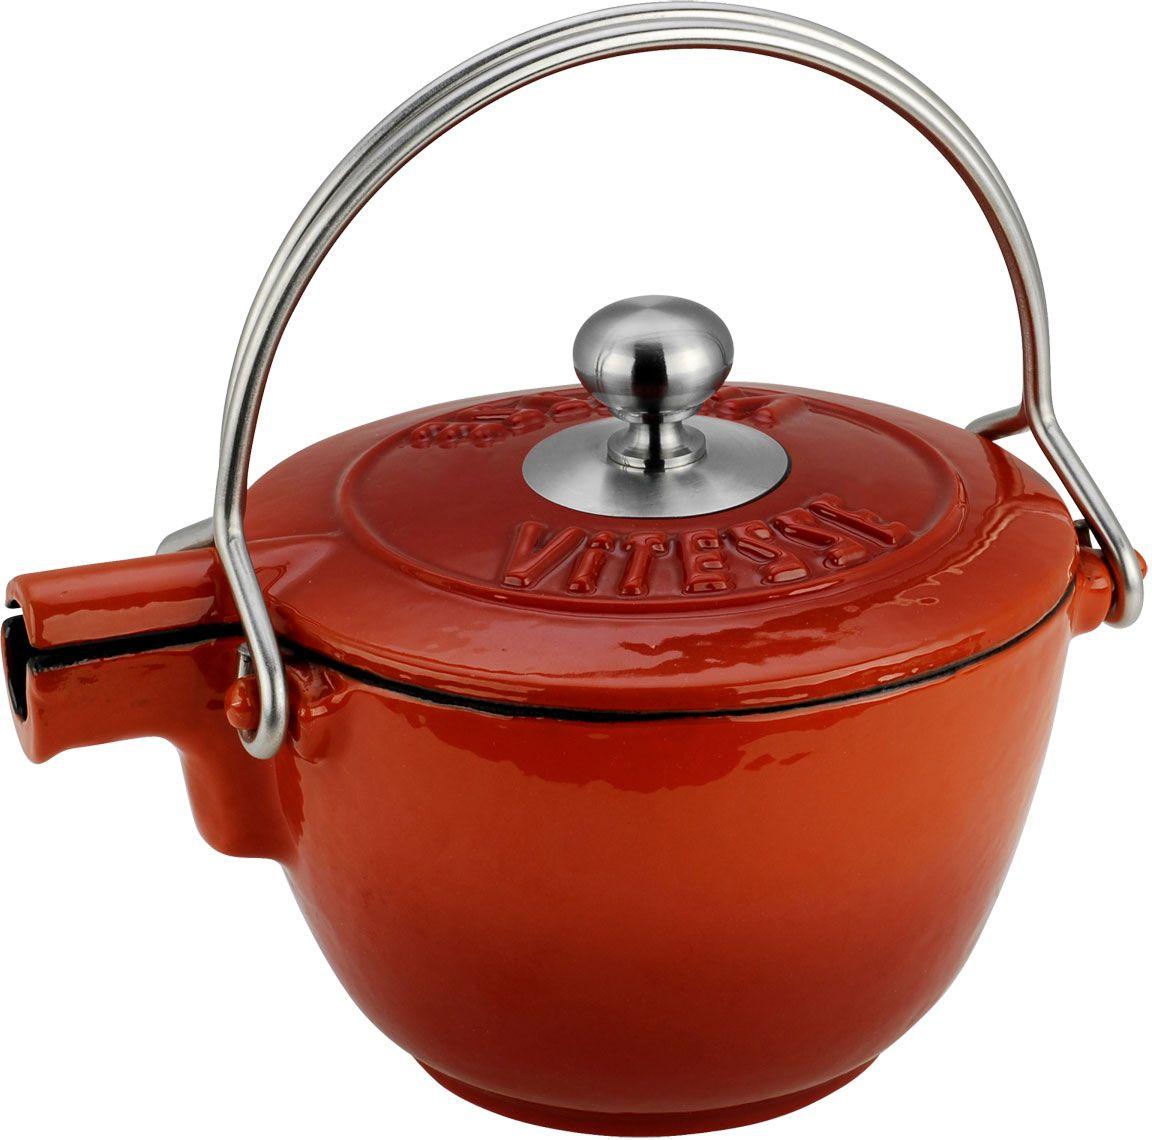 Чайник заварочный Vitesse Ferro, с ситечком, цвет: оранжевый, 1,15 лVS-2329-redЗаварочный чайник Vitesse Ferro изготовлен из чугуна с эмалированной внутренней и внешней поверхностью. Эмалированный чугун - это железо, на которое наложено прочное стекловидное эмалевое покрытие. Такая посуда отлично подходит для приготовления традиционной здоровой пищи. Чугун является наилучшим материалом, который долго удерживает и равномерно распределяет тепло. Благодаря особым качествам эмали, чем дольше вы используете посуду, тем лучше становятся ее эксплуатационные характеристики. Чугун обладает высокой прочностью, износоустойчивостью и антикоррозийными свойствами. Чайник оснащен двумя металлическими ручками и крышкой. Металлическое ситечко на цепочке с крючком - в комплекте. Можно готовить на газовых, электрических, стеклокерамических, галогенных, индукционных плитах. Подходит для мытья в посудомоечной машине.Высота чайника (без учета ручки и крышки): 10,5 см. Диаметр чайника (по верхнему краю): 15,5 см. Диаметр ситечка: 6 см.